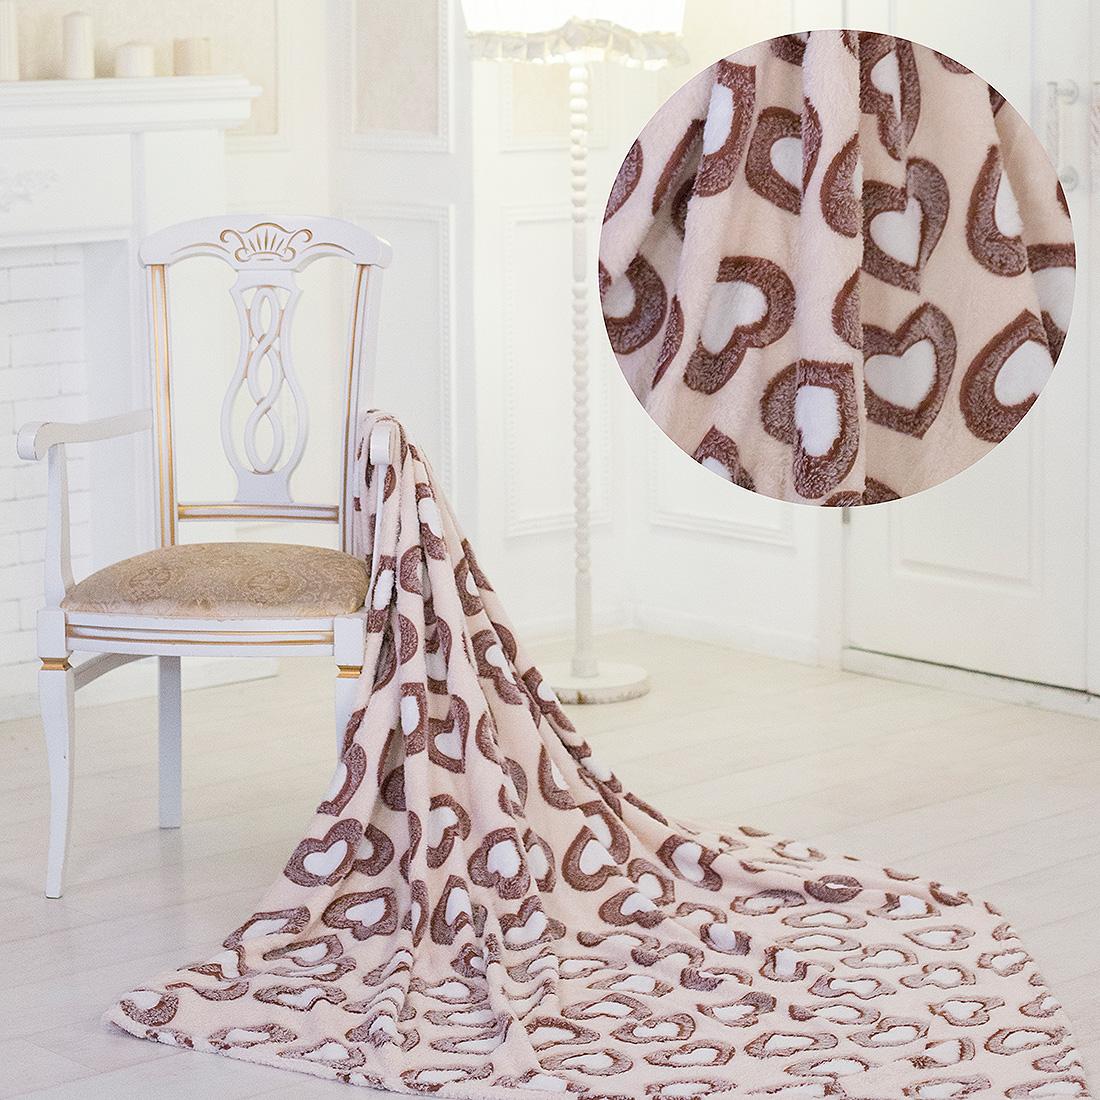 Купить Пледы и покрывала Eleganta, Плед Коричневые Сердца (180х200), Китай, Бамбуковый флис